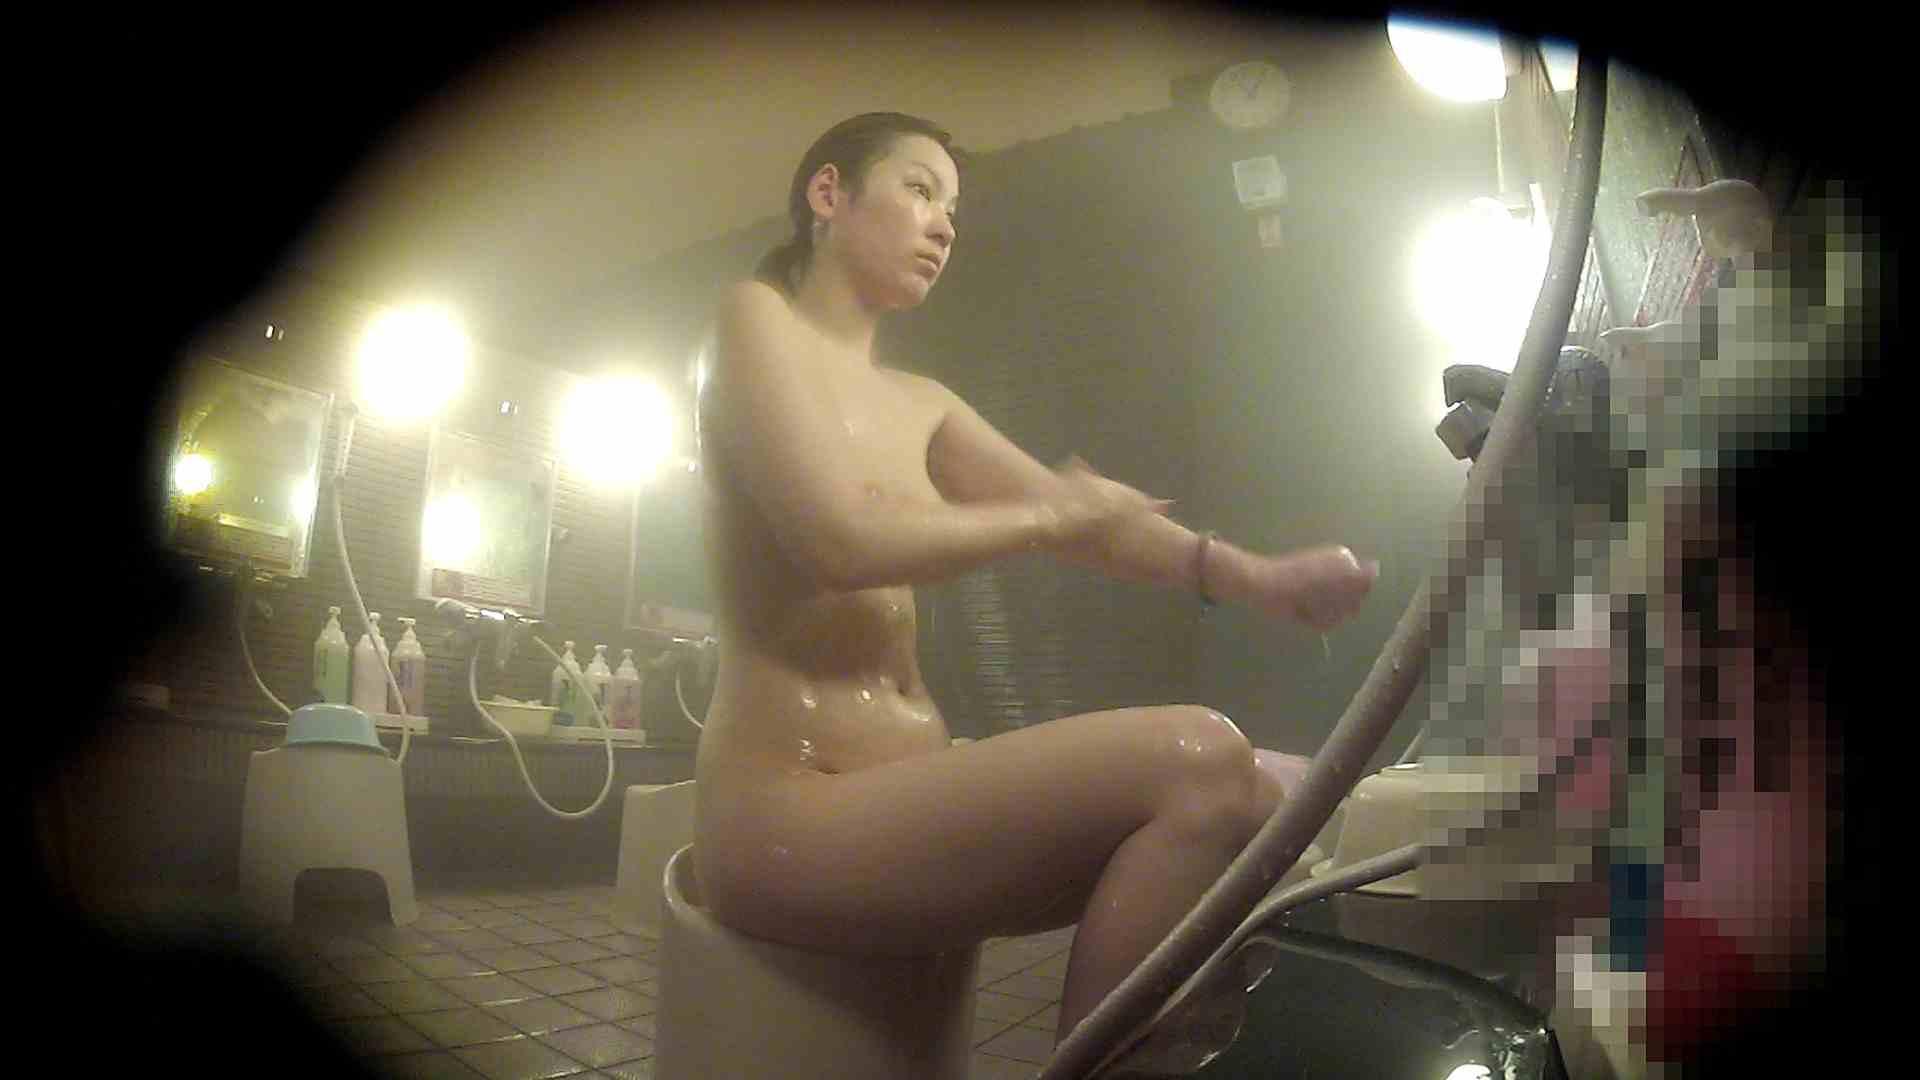 セックス 盗撮:洗い場!スタイル良し!ツンっと突き出た乳首に吸い付きたい:怪盗ジョーカー